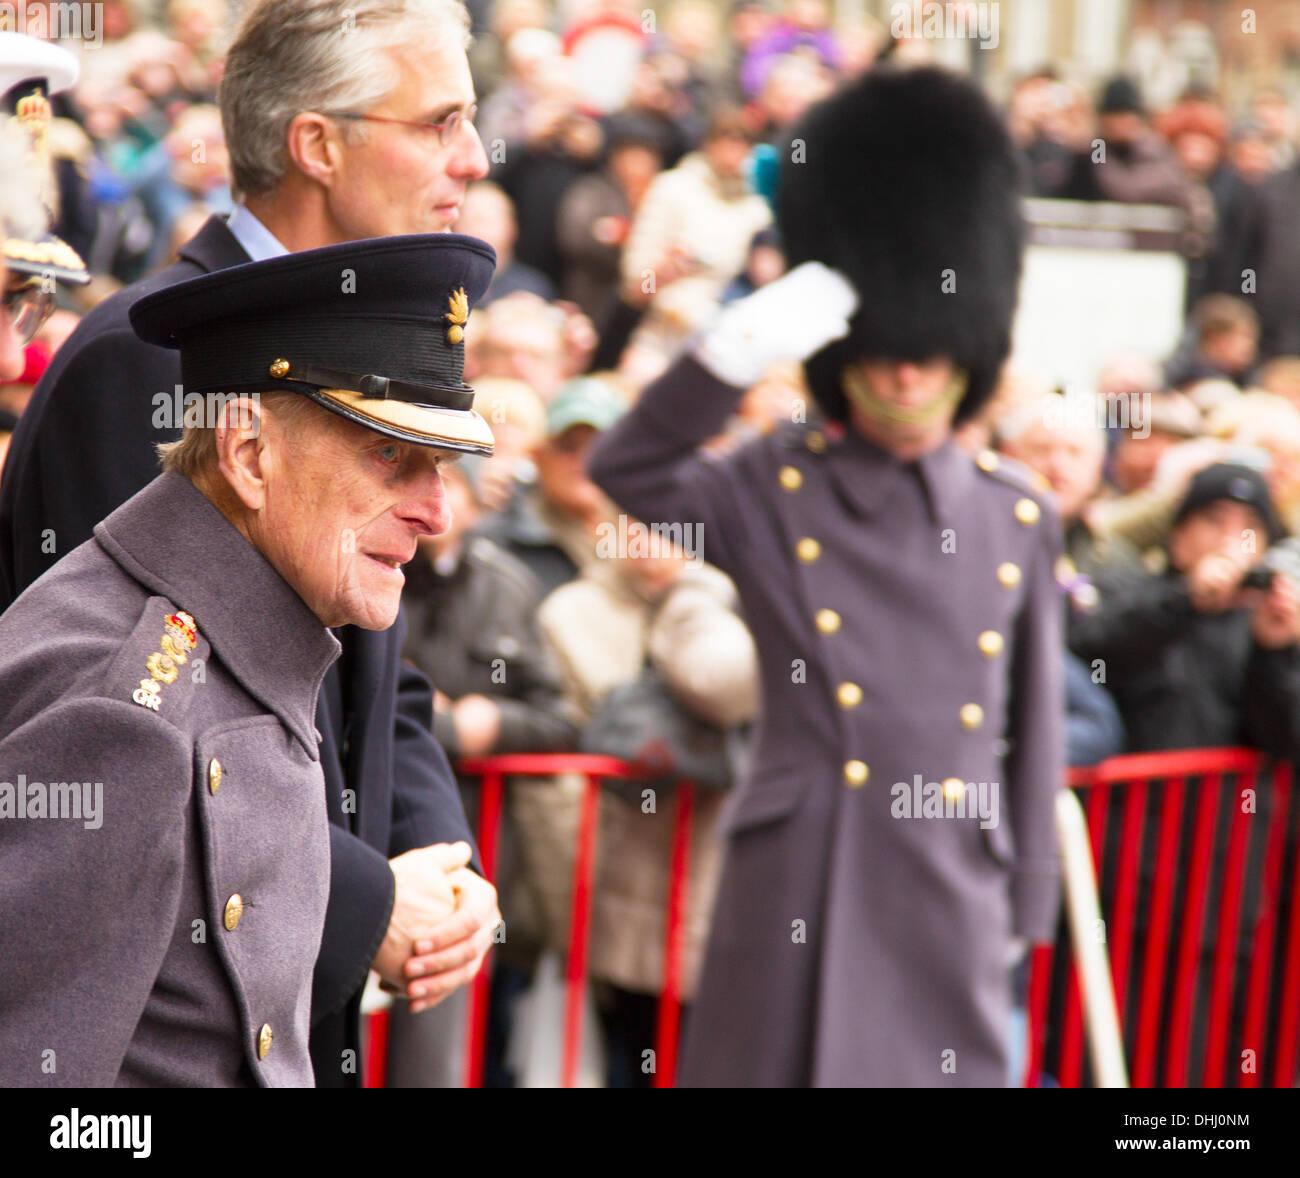 Ypres, Belgium - 11th November 2013 - HRH Duke of Edinburgh at Ypres Menin Gate Ceremony 'The Gathering of the Soil' for Flanders Fields Memorial Garden - Caroline Vancoillie /Alamy Live News - Stock Image